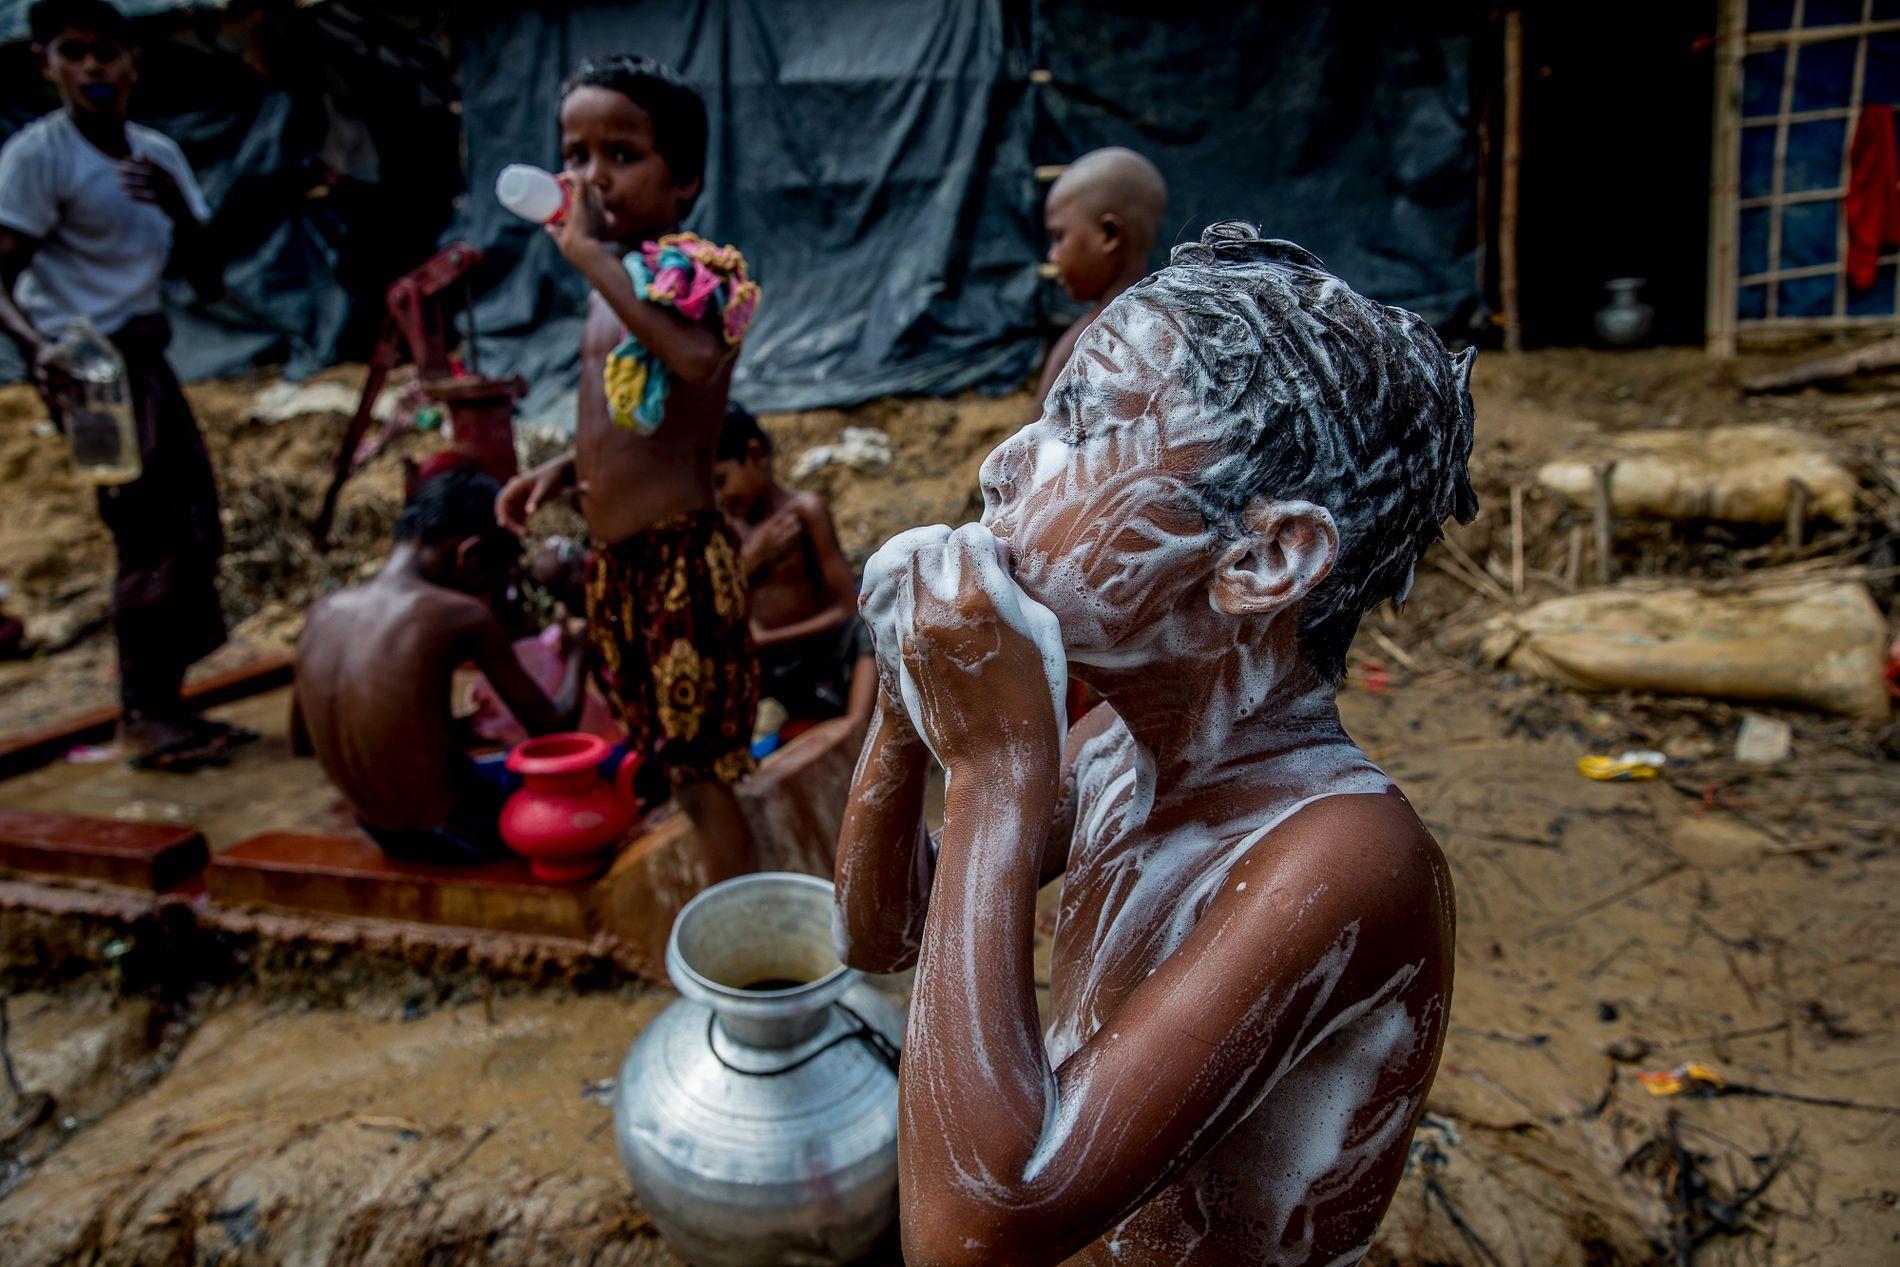 SÅPEVANN: En håndpumpe med vann gir barna i flyktningleiren en etterlengtet mulighet til å vaske seg.